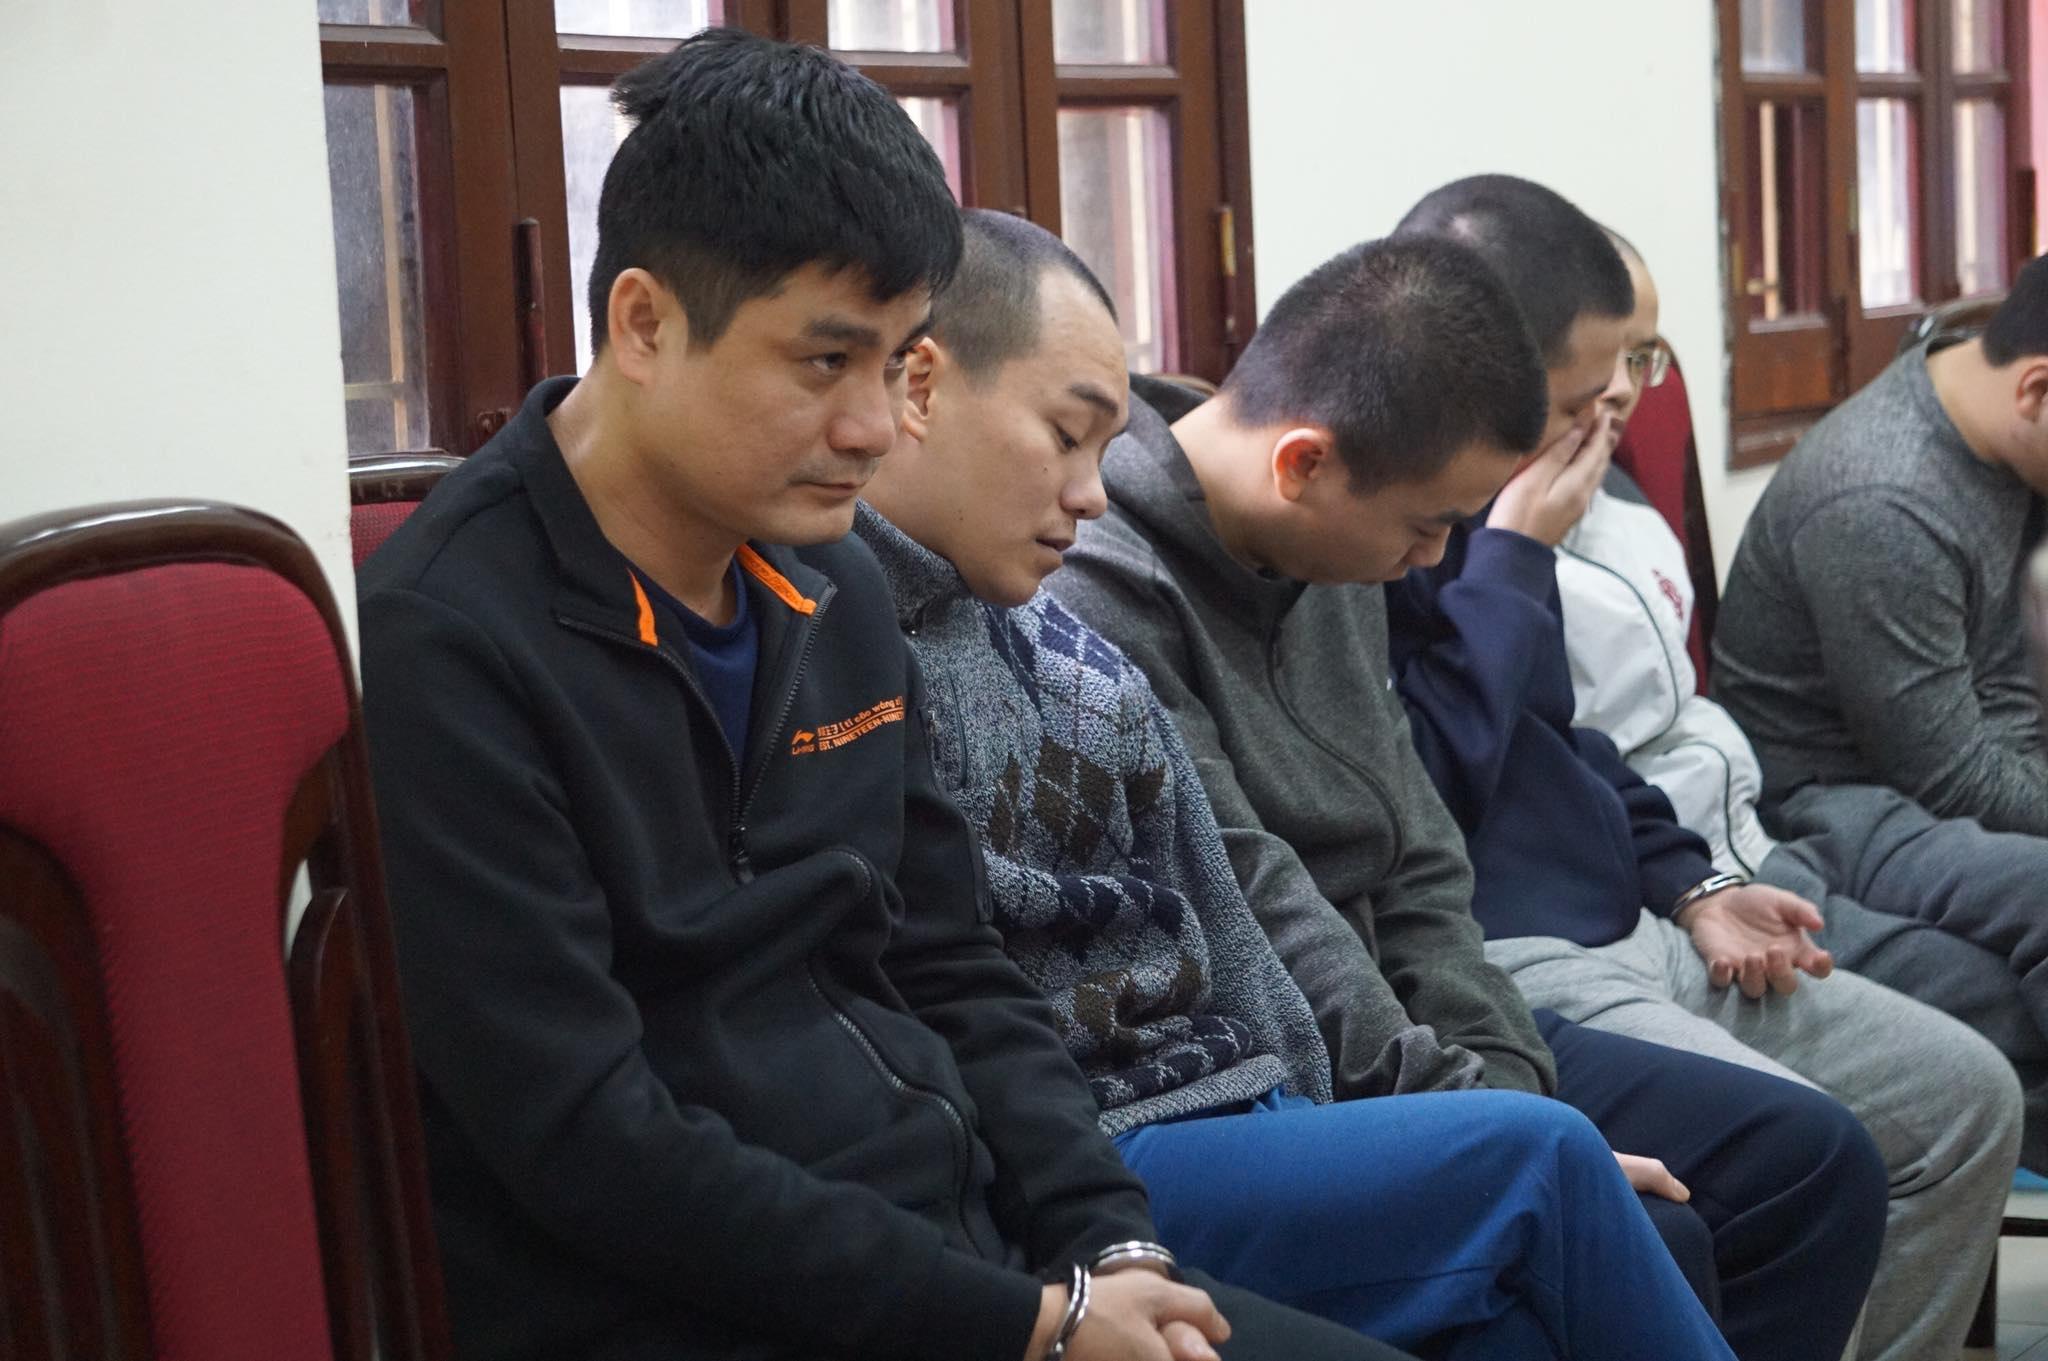 Hà Nội: Triệt phá đường dây đánh bạc nghìn tỷ qua mạng - 1